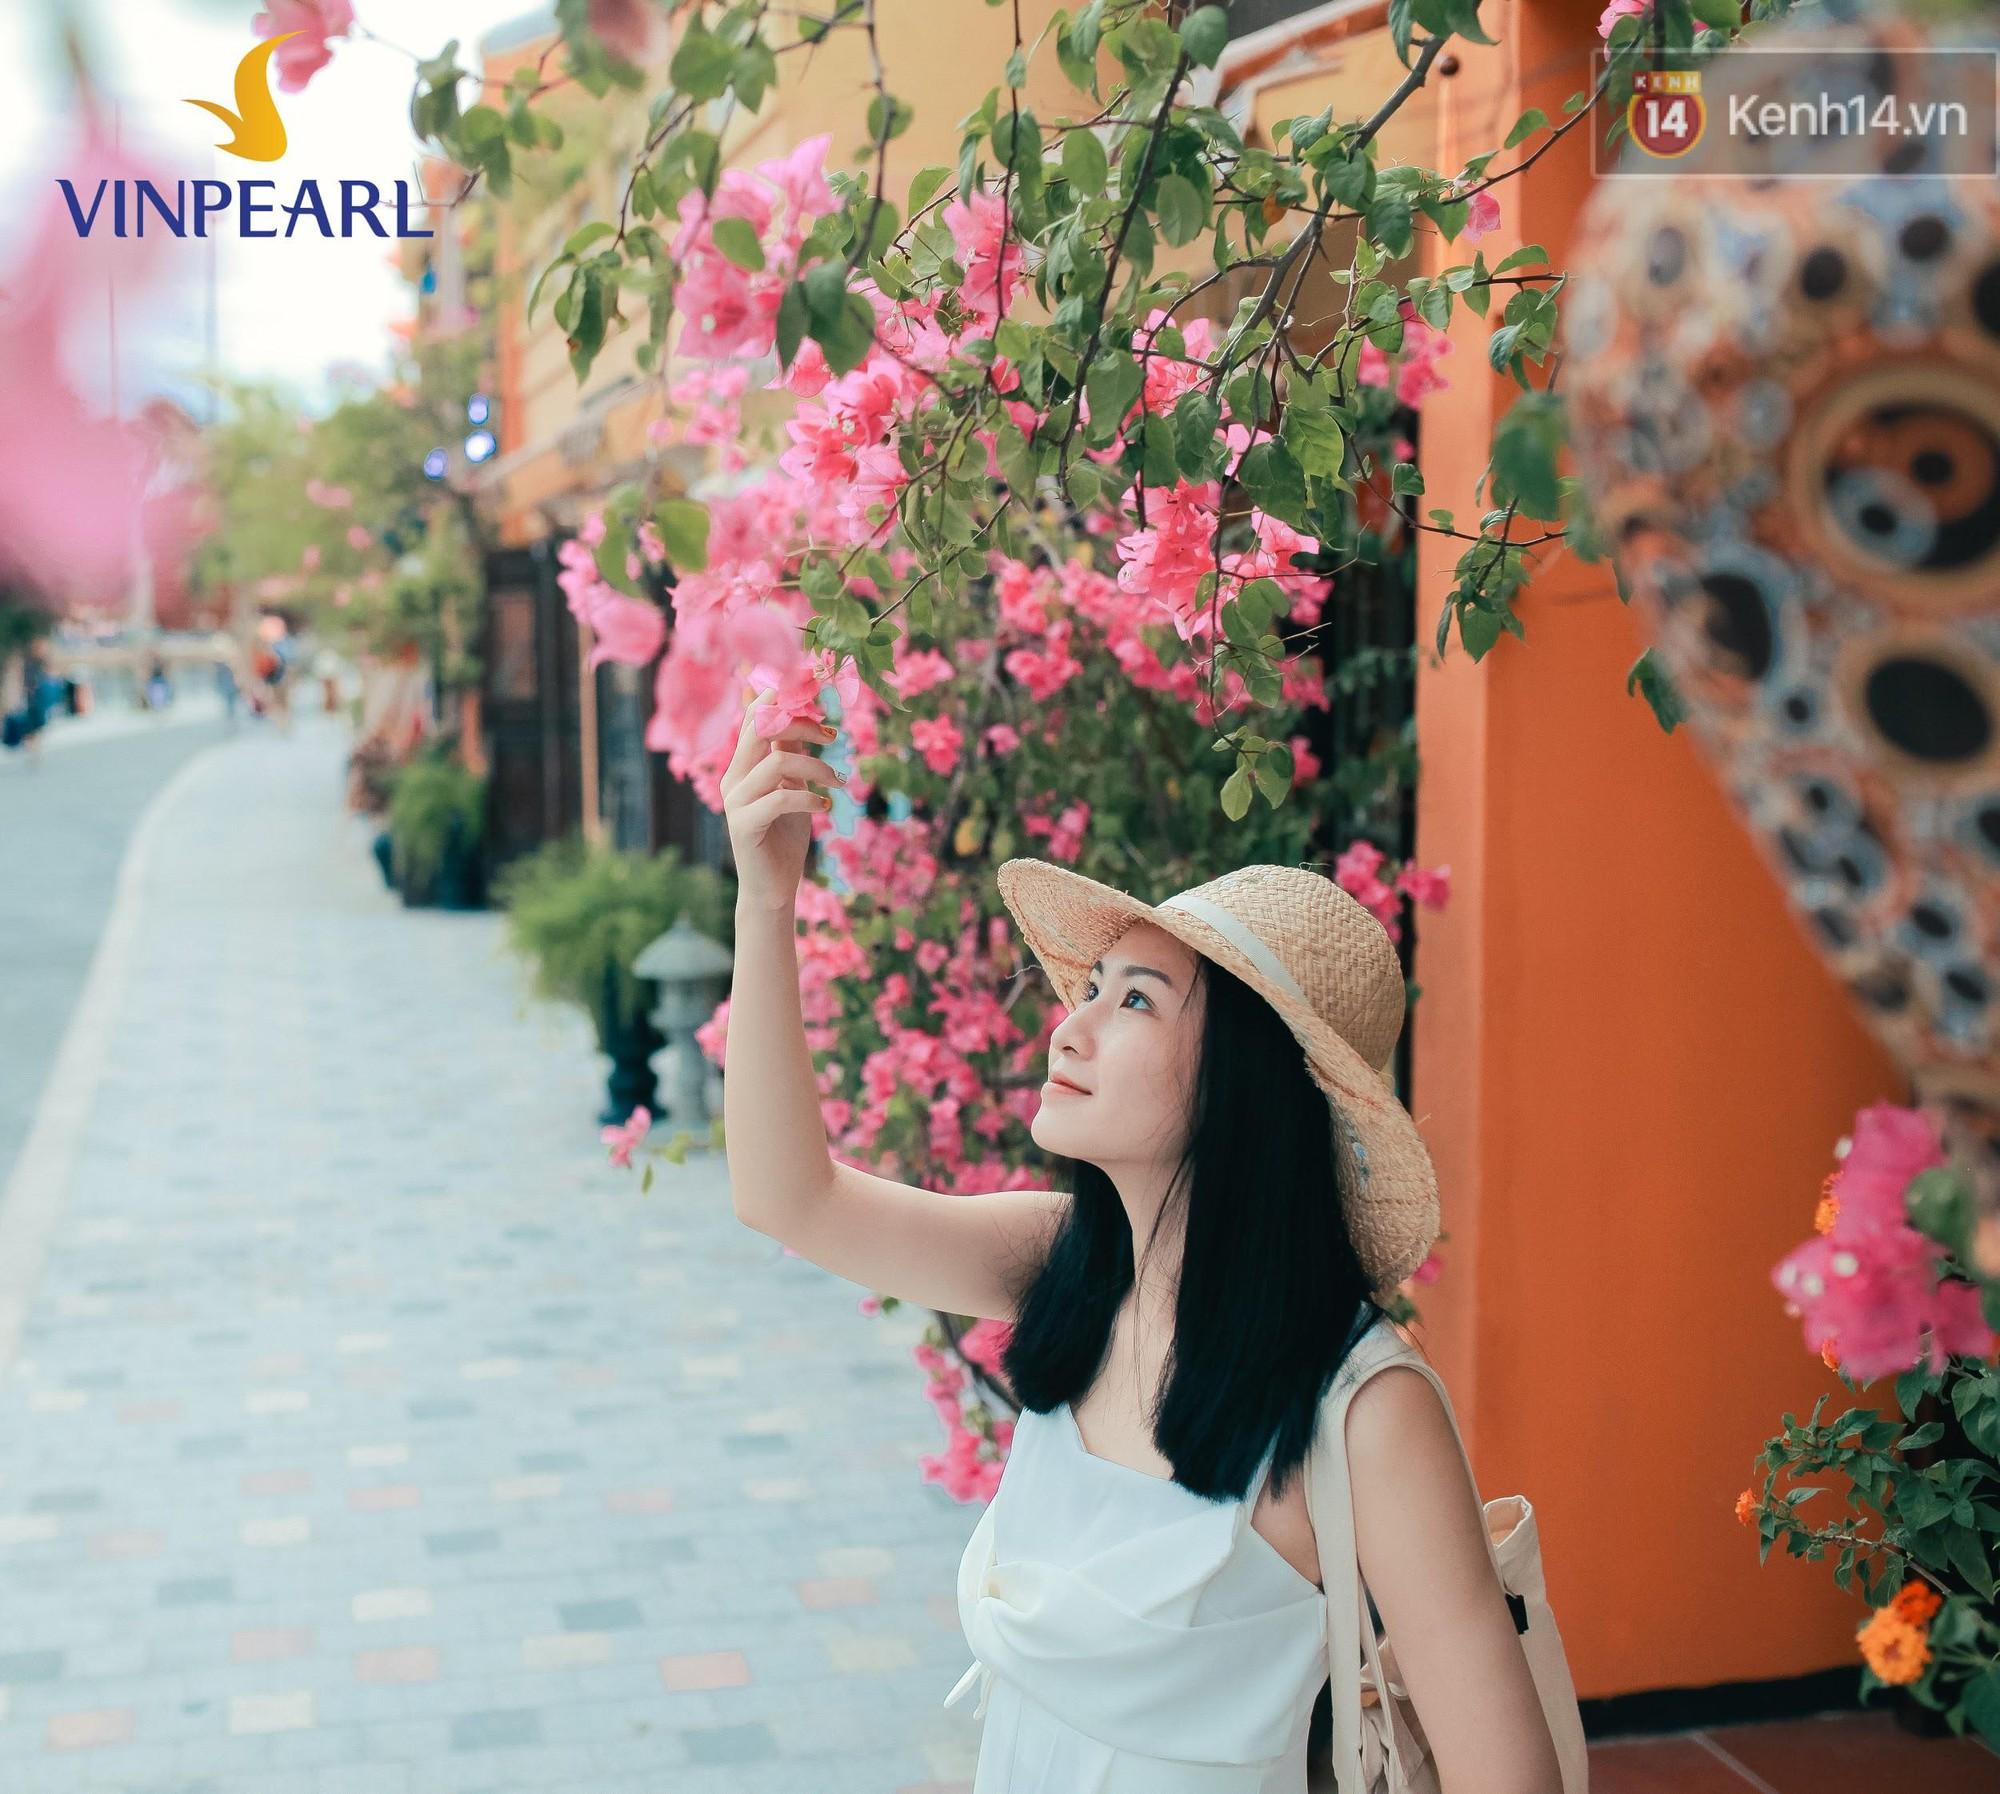 Những điểm đến hot nhất tháng 9 mà các bạn trẻ yêu du lịch không thể bỏ qua - Ảnh 4.